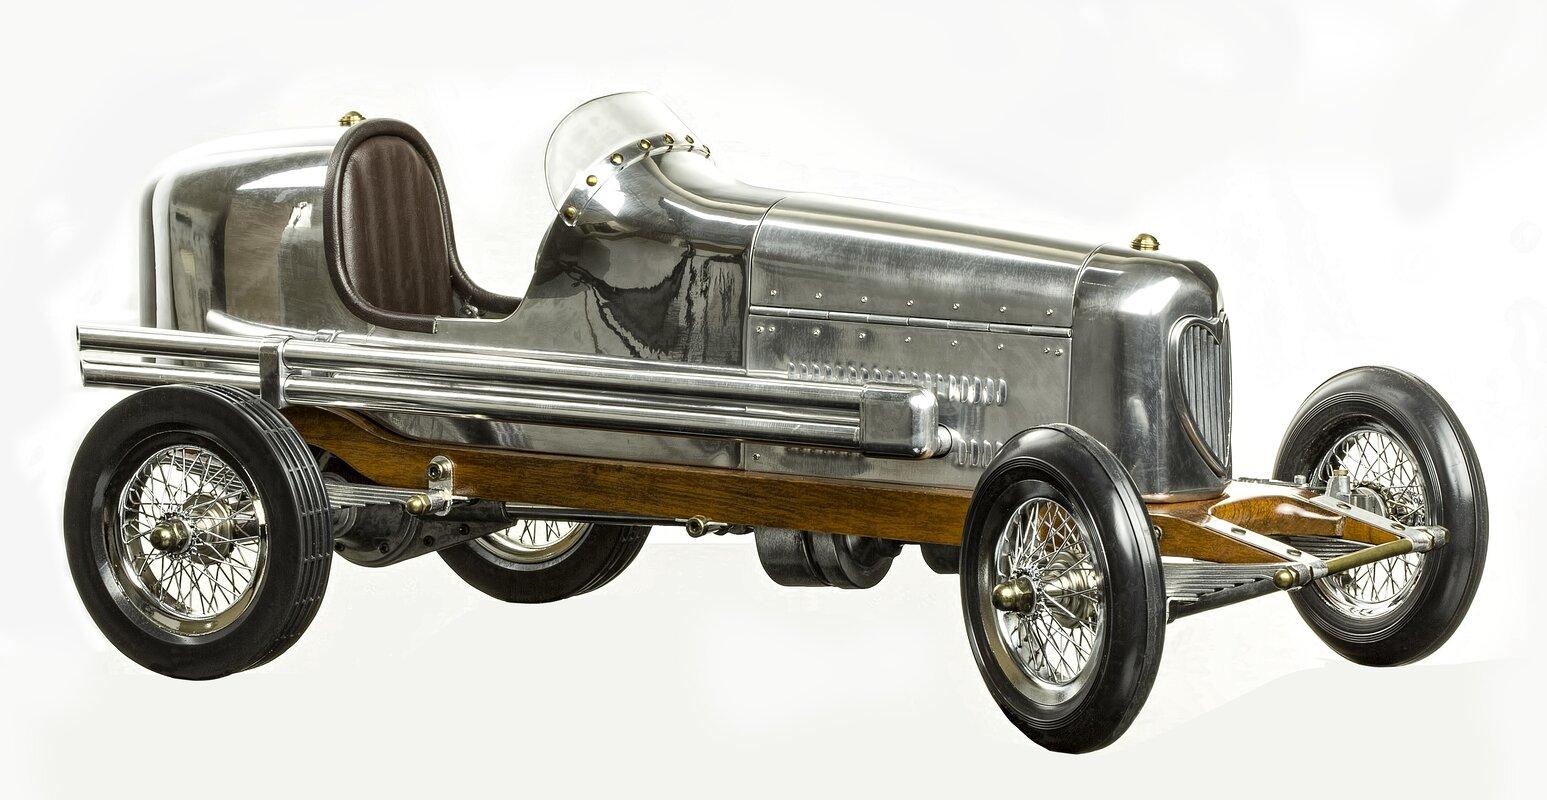 Museum Bantam Midget Racecar Sculpture